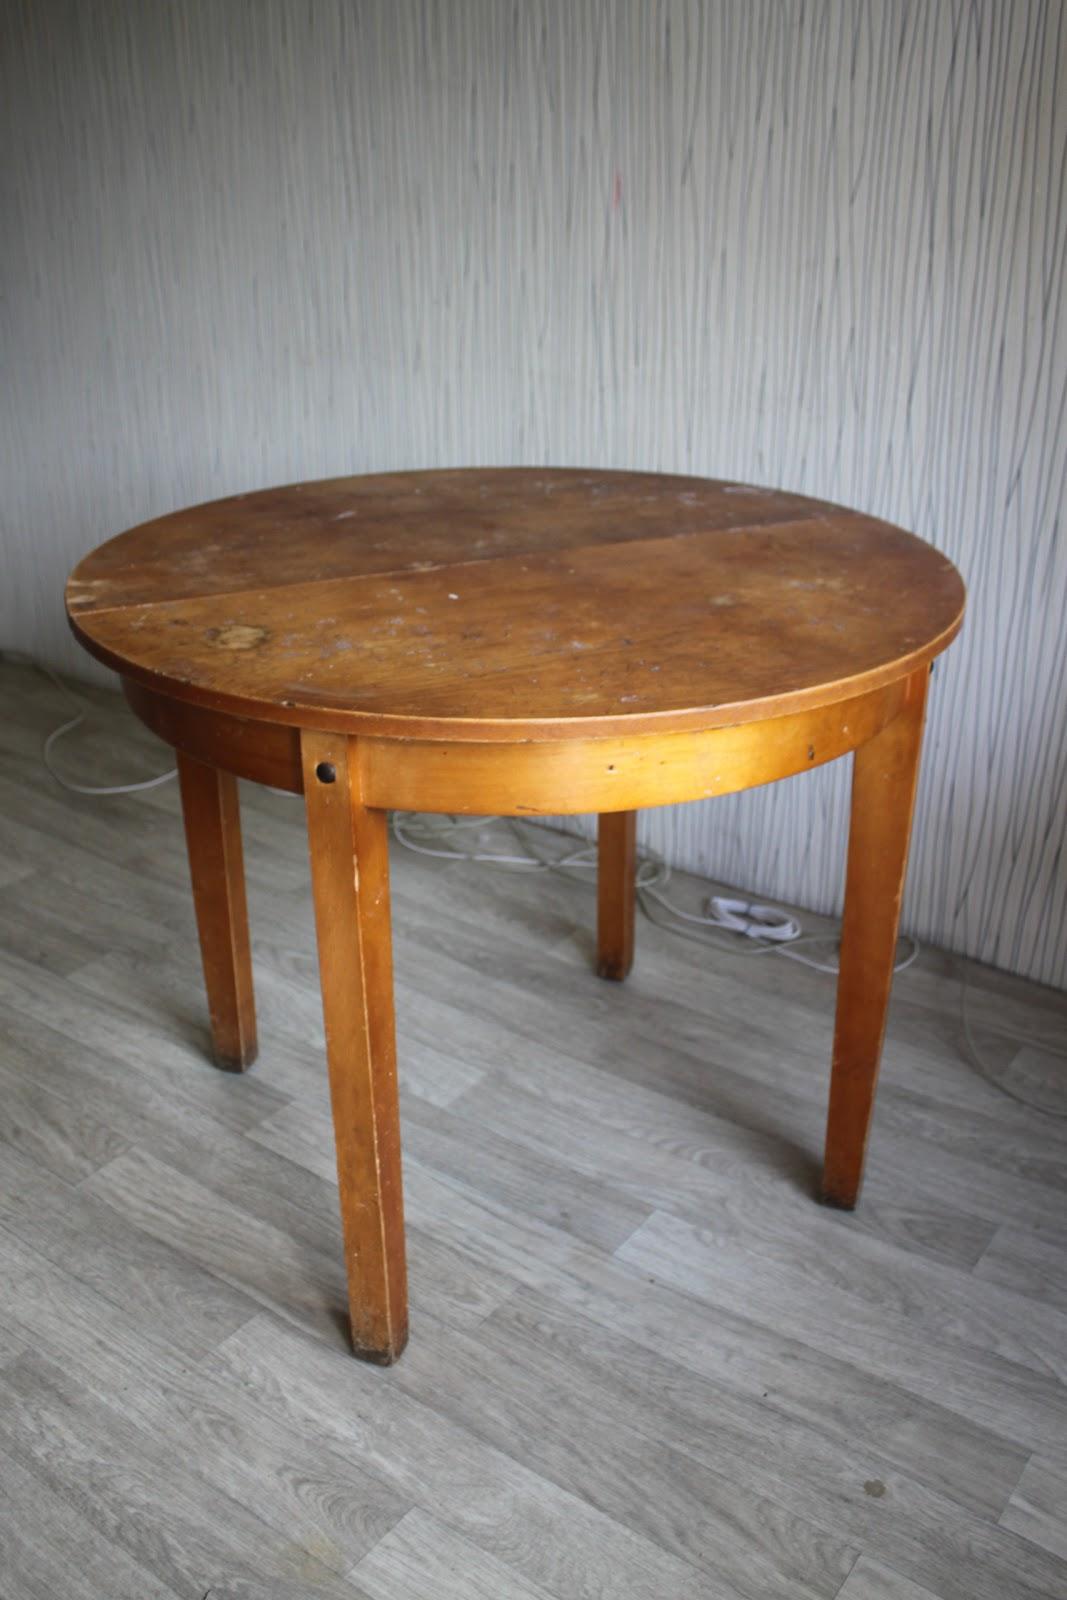 Реставрация круглого стола своими руками мастер класс